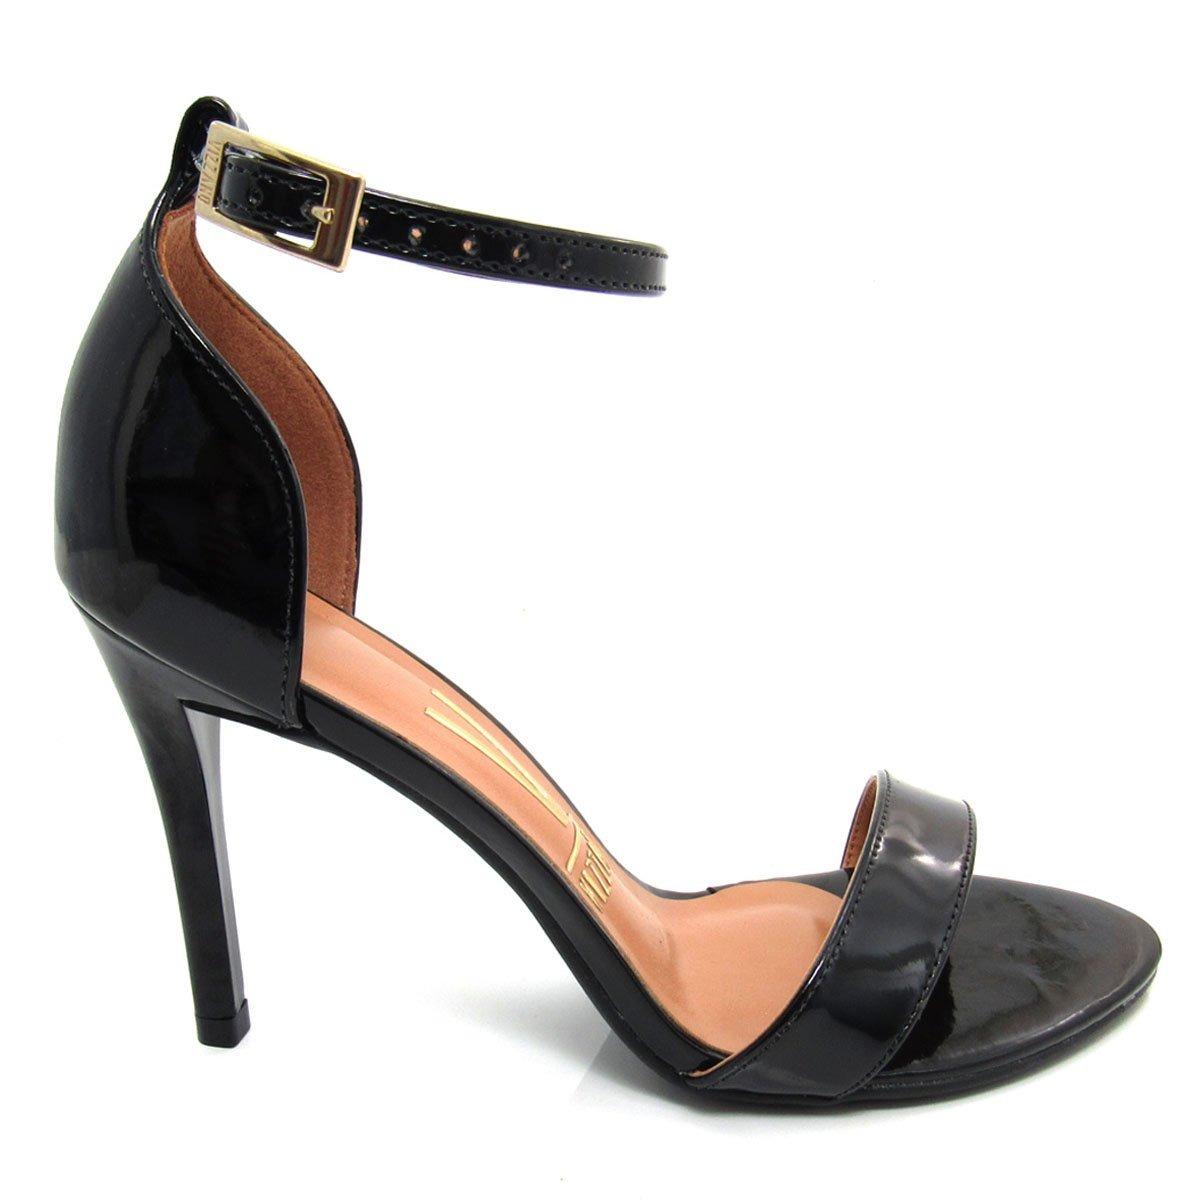 520f1fa26c sandália vizzano feminina salto fino 6306111 verniz preta. Carregando zoom.